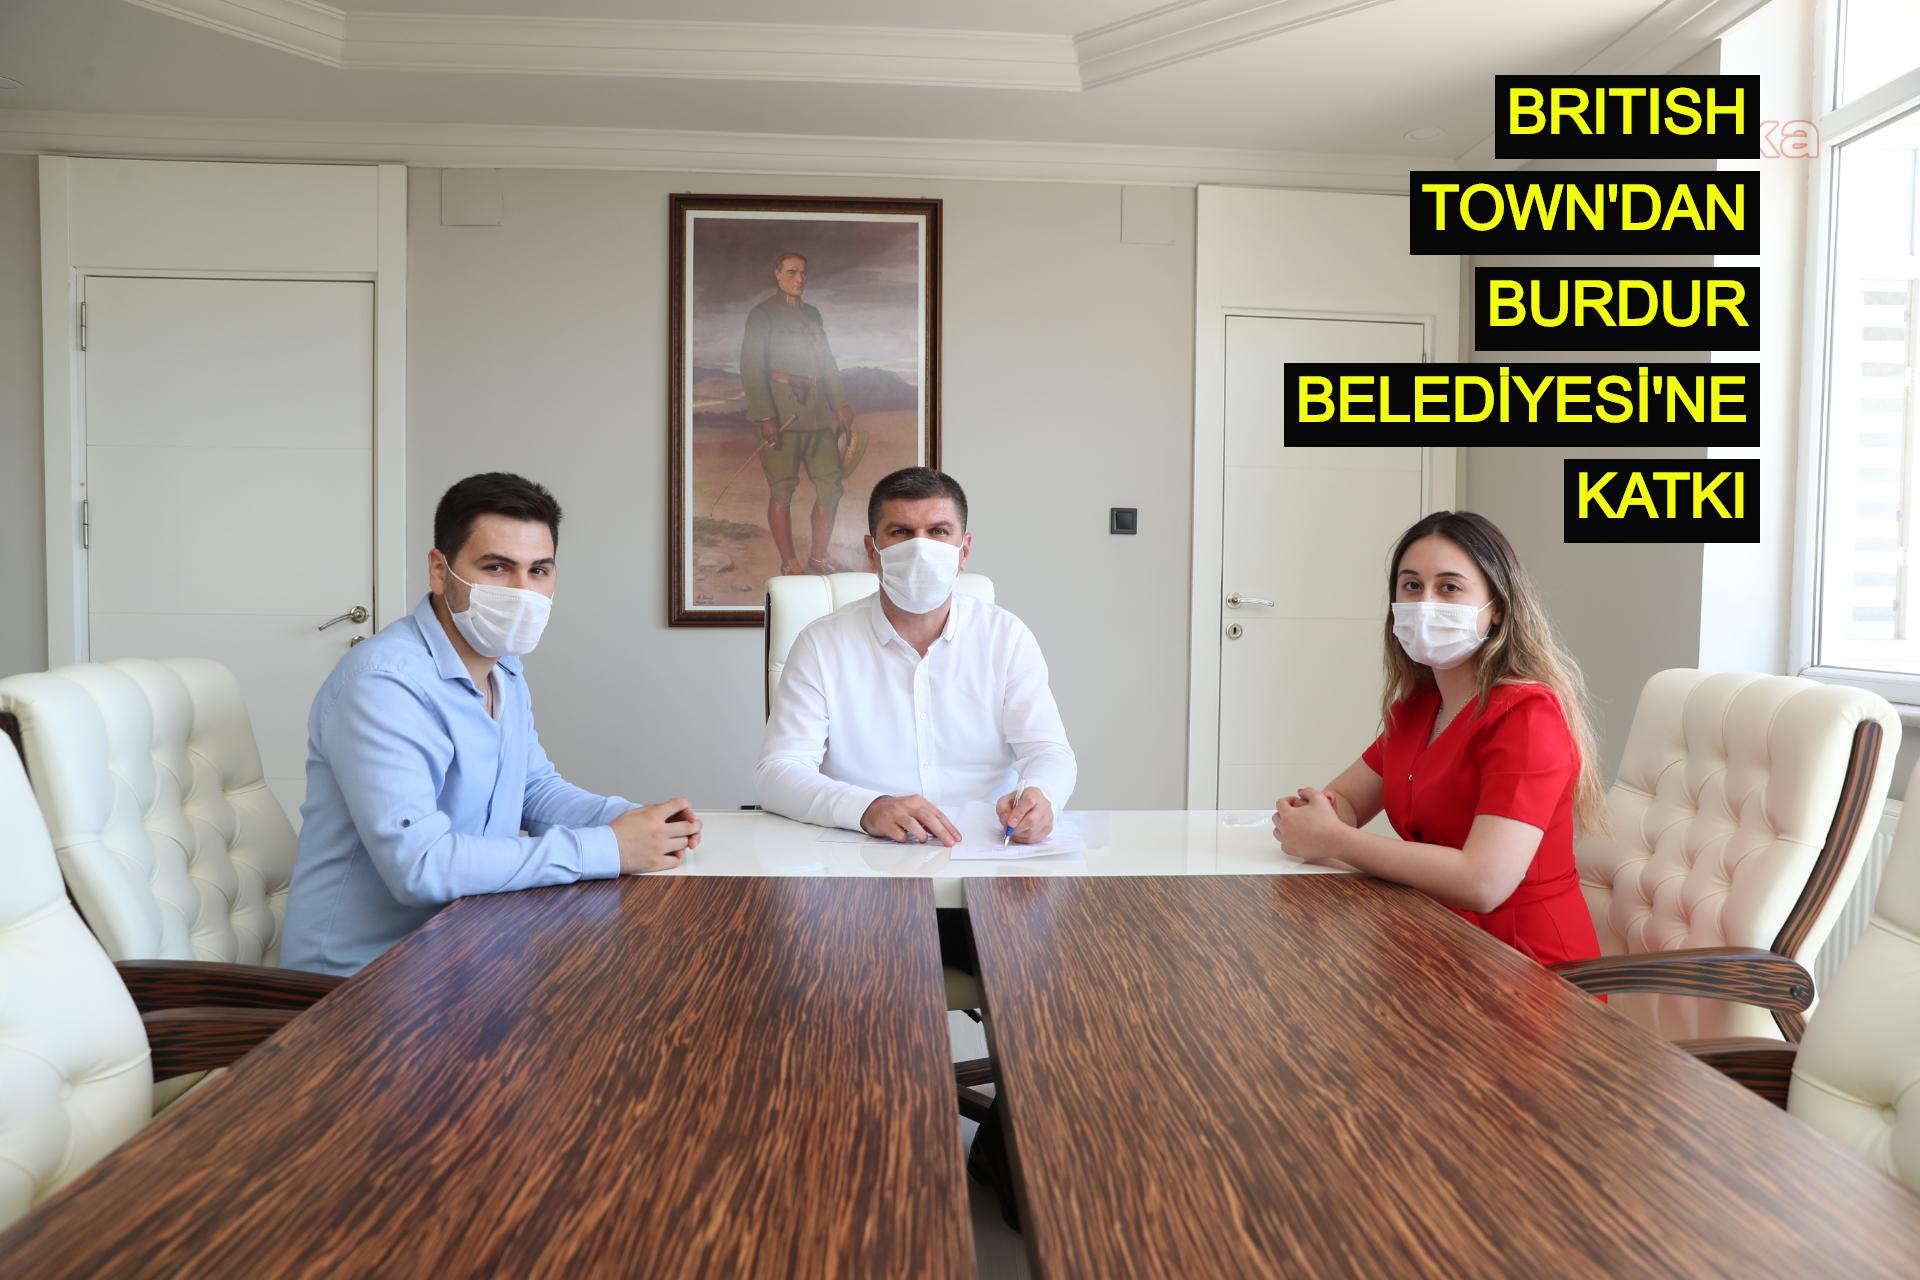 British Town'dan Burdur Belediyesi'ne katkı